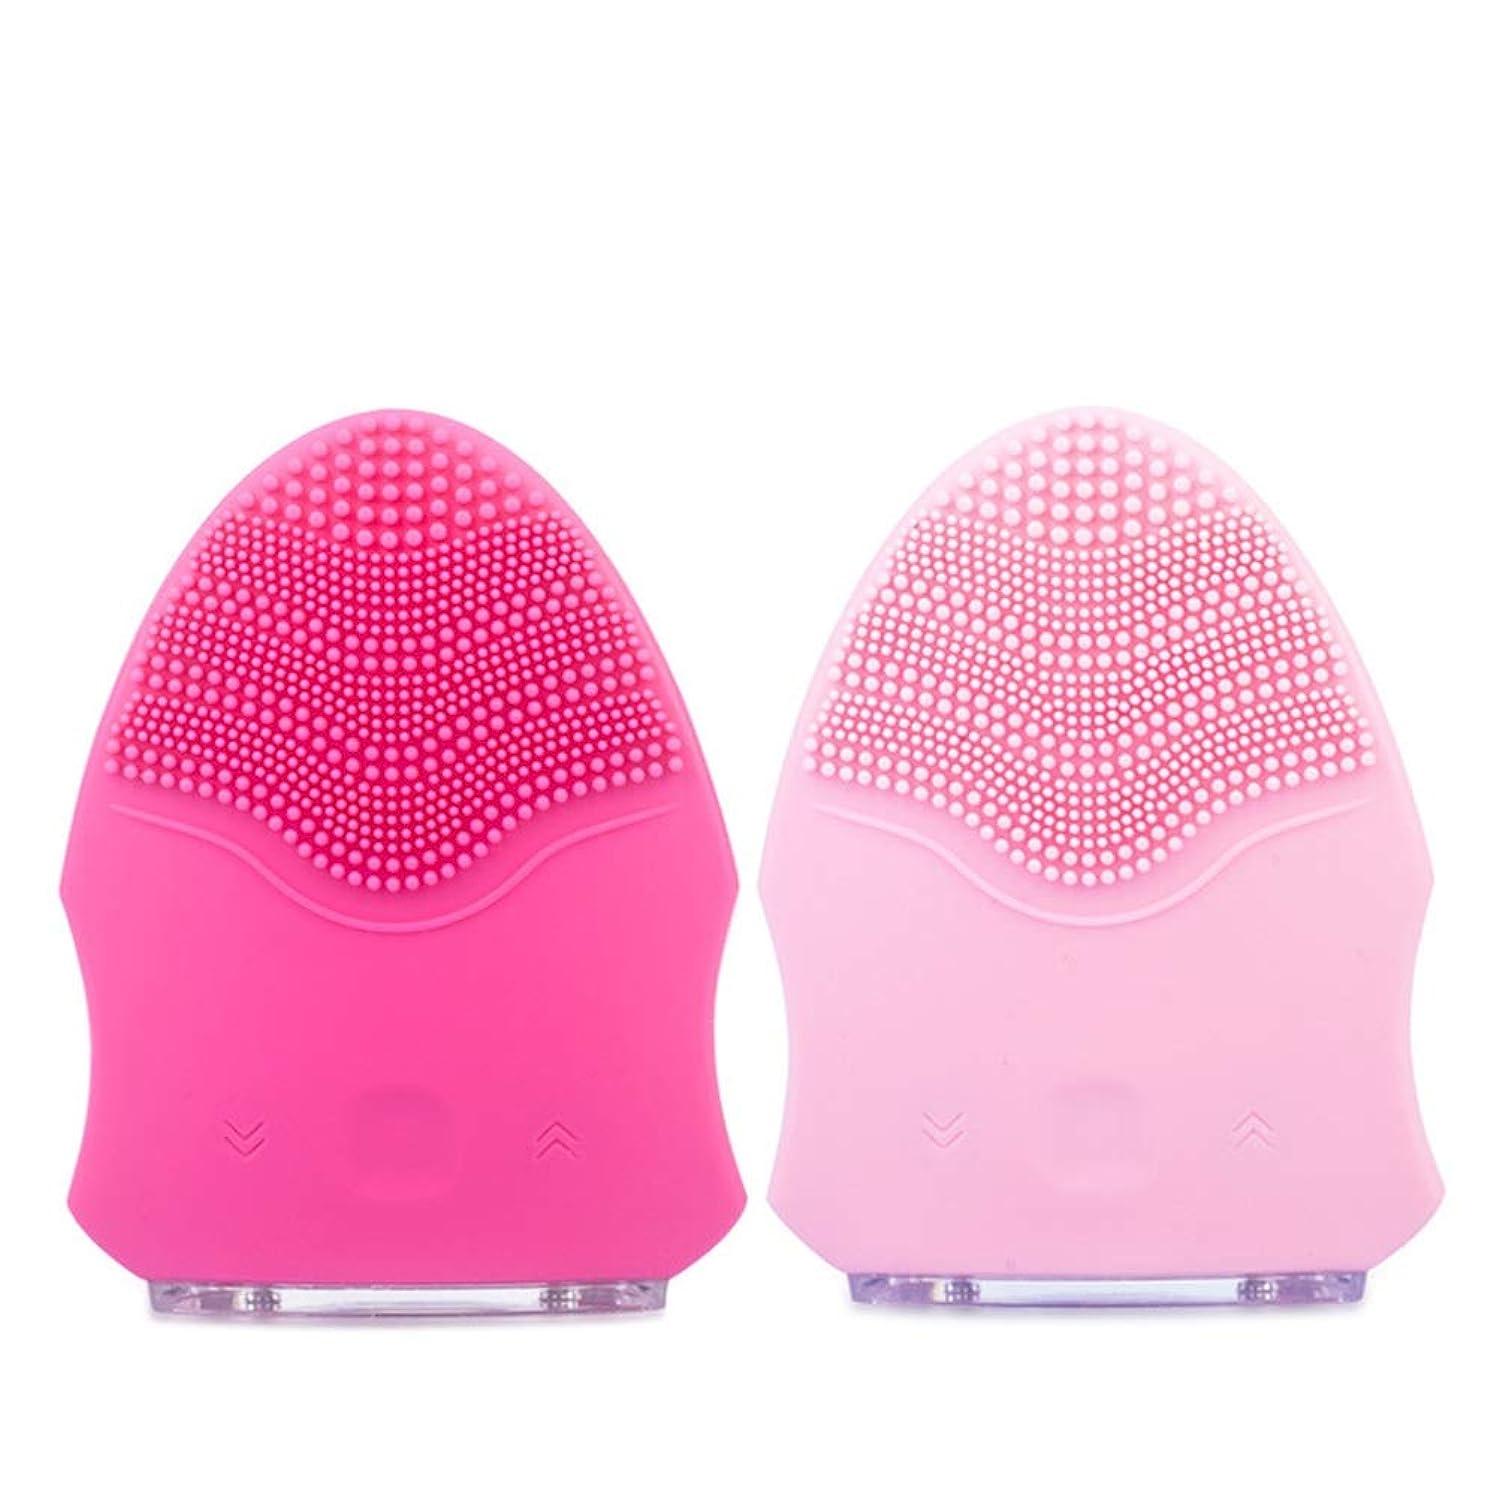 翻訳形容詞スカイZXF 防水シリコーン洗顔器毛穴掃除美容器用充電器ピンク赤セクション 滑らかである (色 : Red)